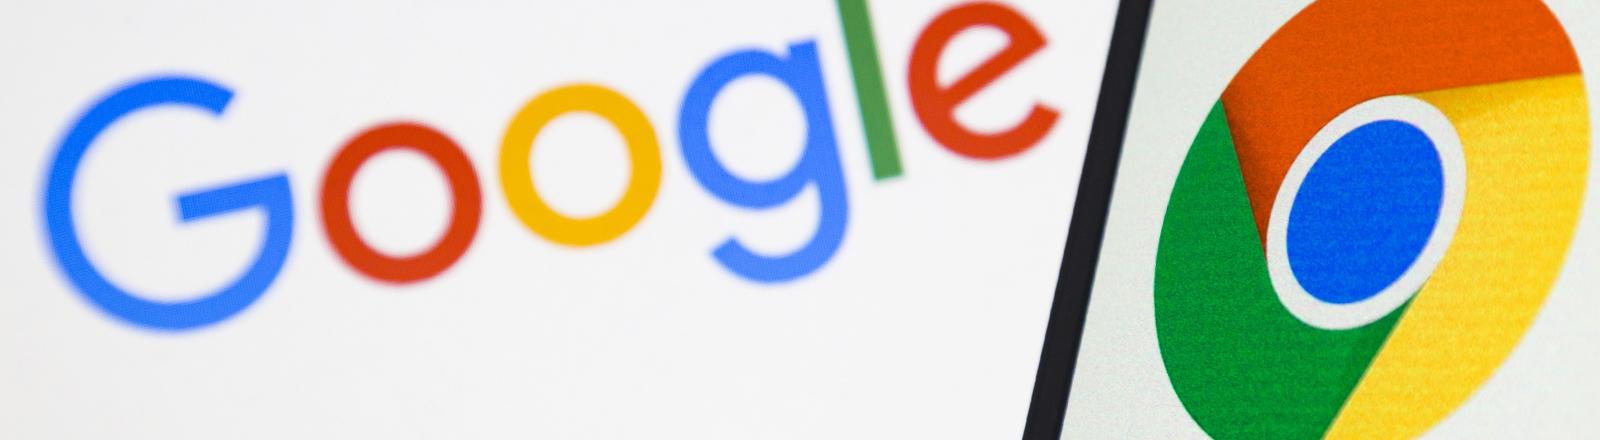 Google- und Chrome-Logo auf einem Handy.